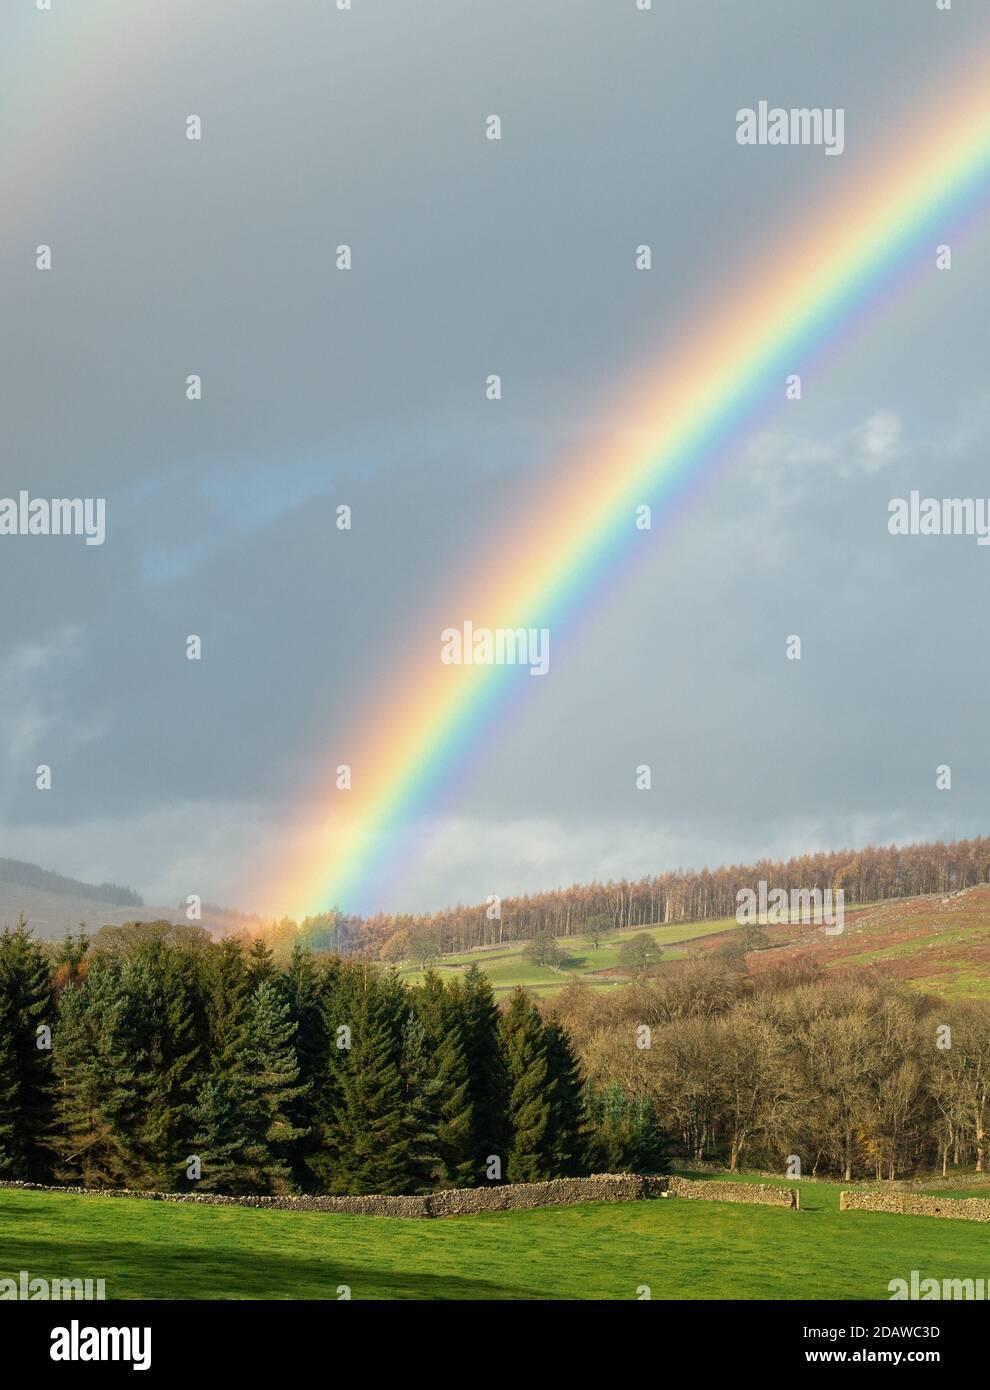 Clima en el Reino Unido: Impresionante arco iris sobre Barden en Wharfedale, Yorkshire Dales National Park paisaje: Impresionante arco iris sobre Barden en Wharfedale, Yorkshire Foto de stock